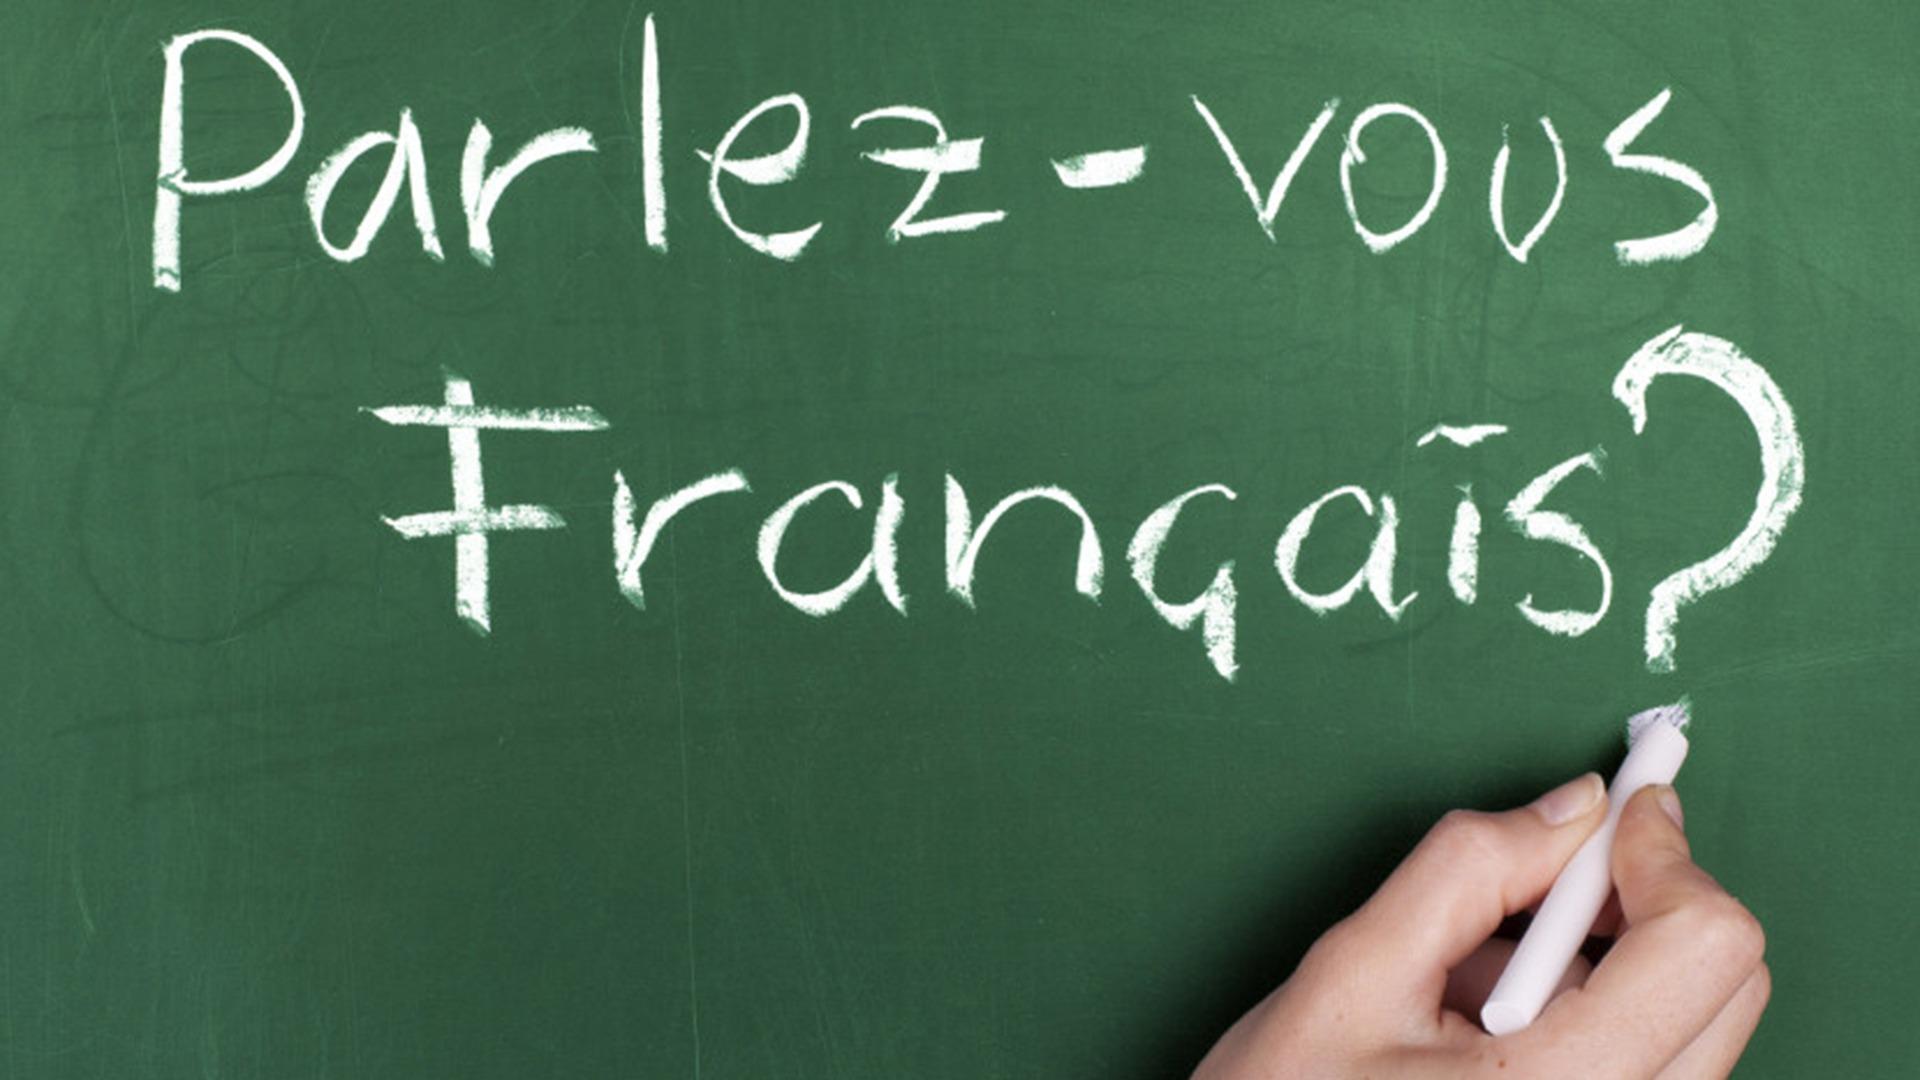 Leerlingen kunnen onvoldoende Frans